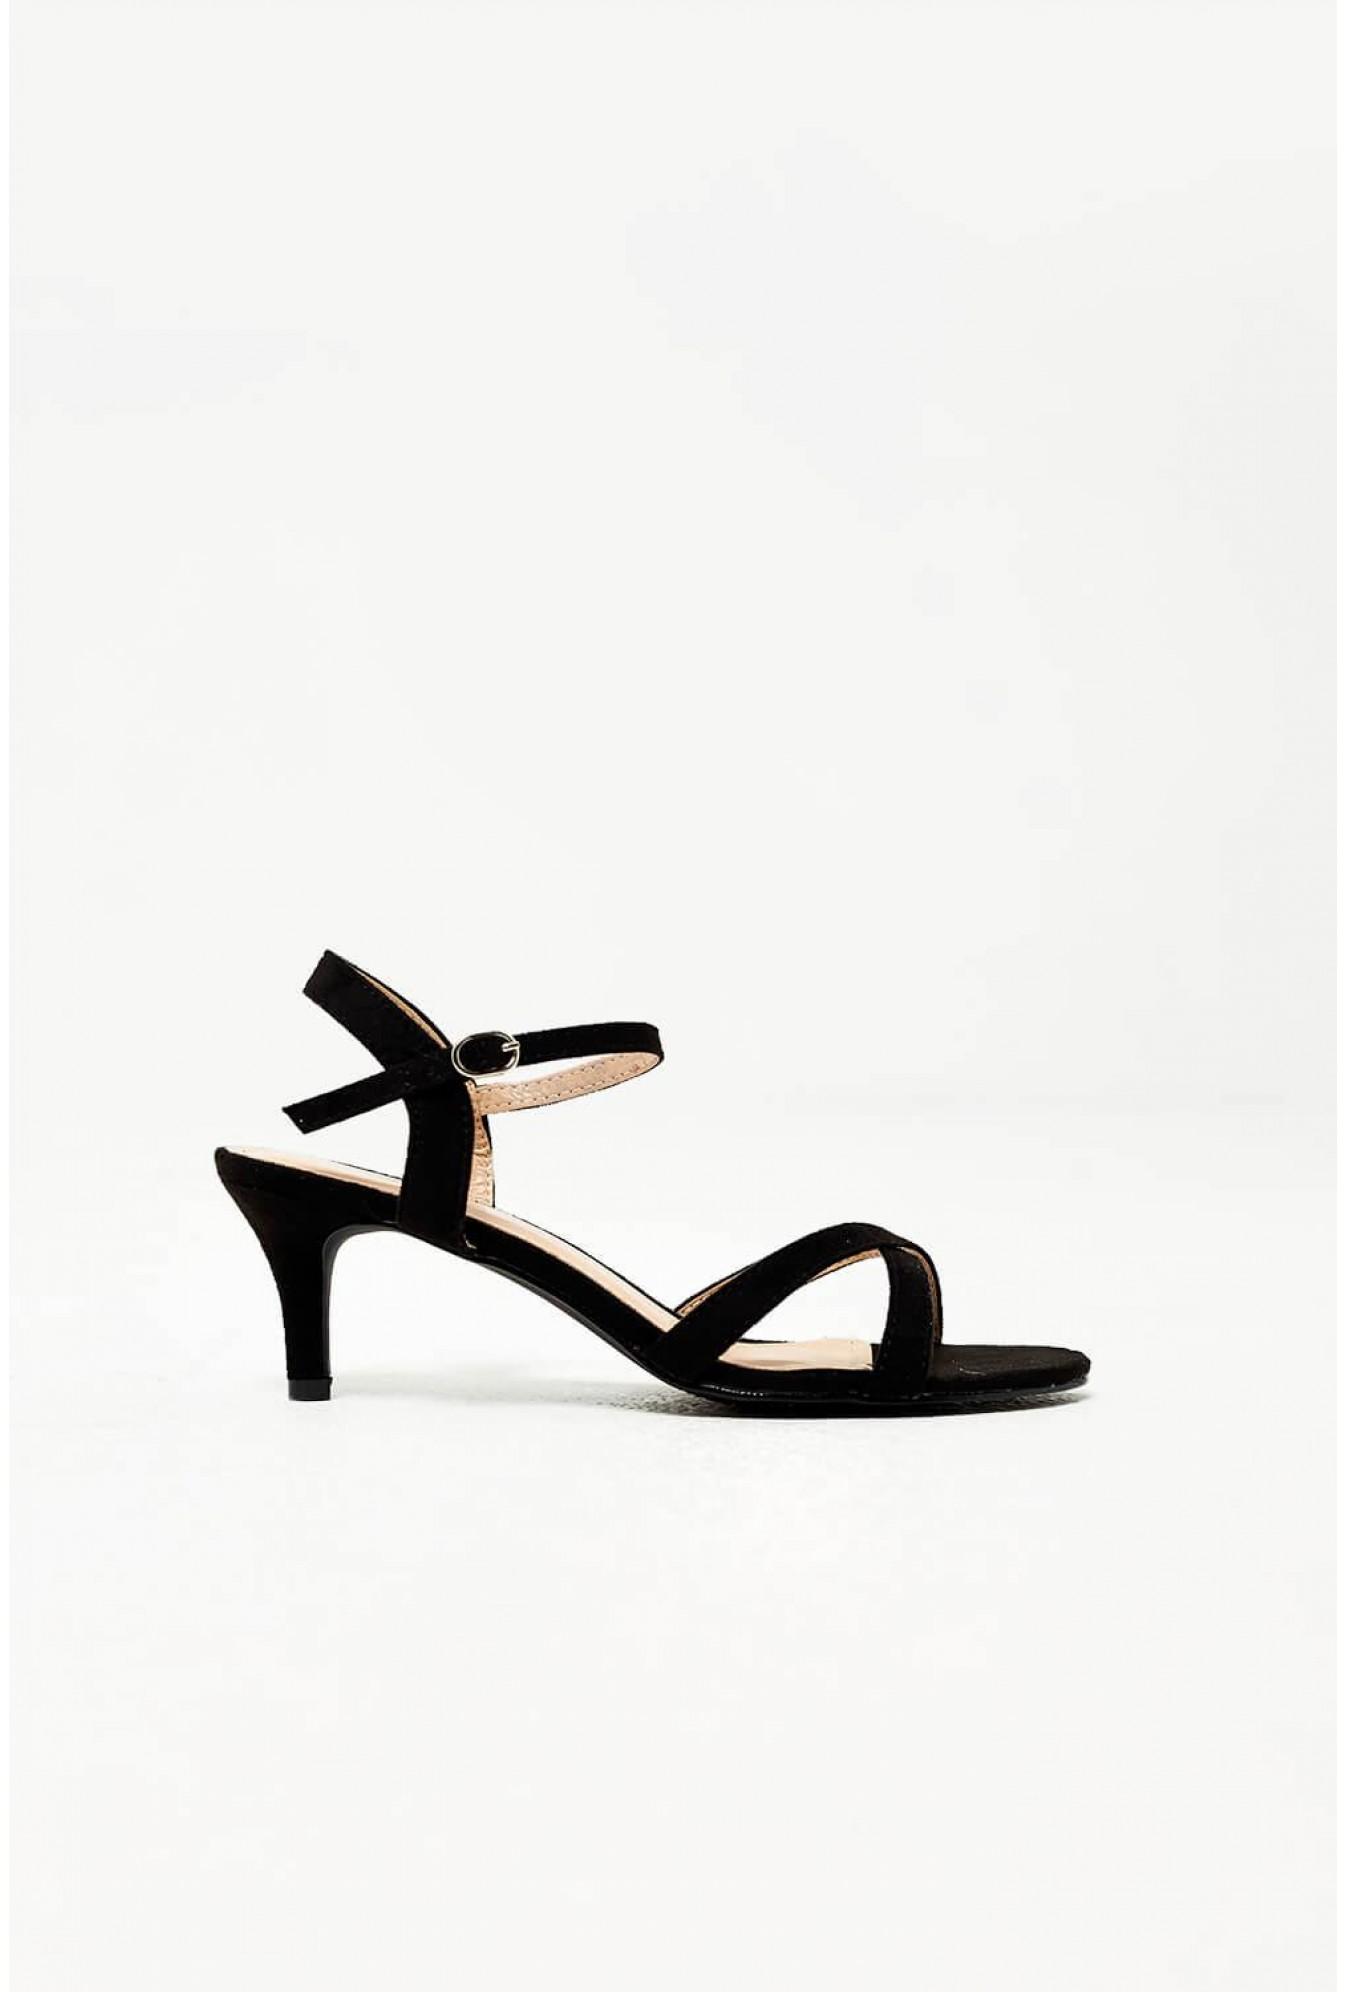 532b5faf41be67 More Views. Ami Kitten Heel Sandals in Black Suede